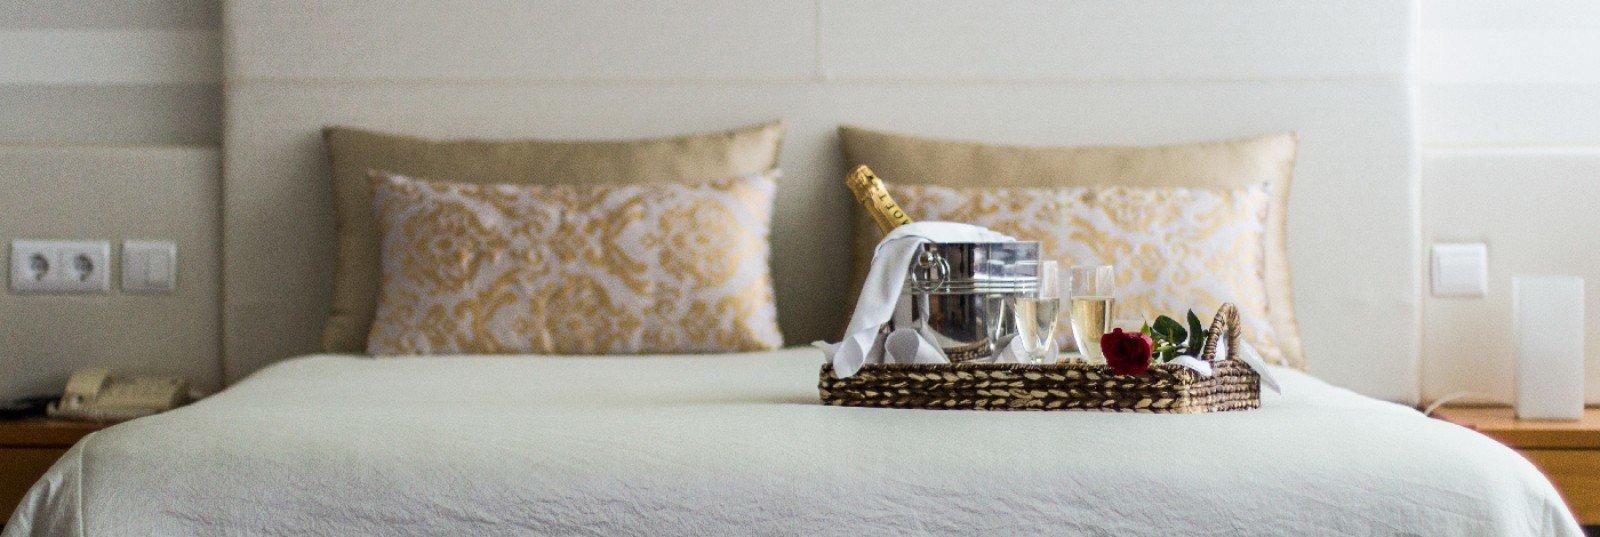 Hotel Eurosol Leiria suite